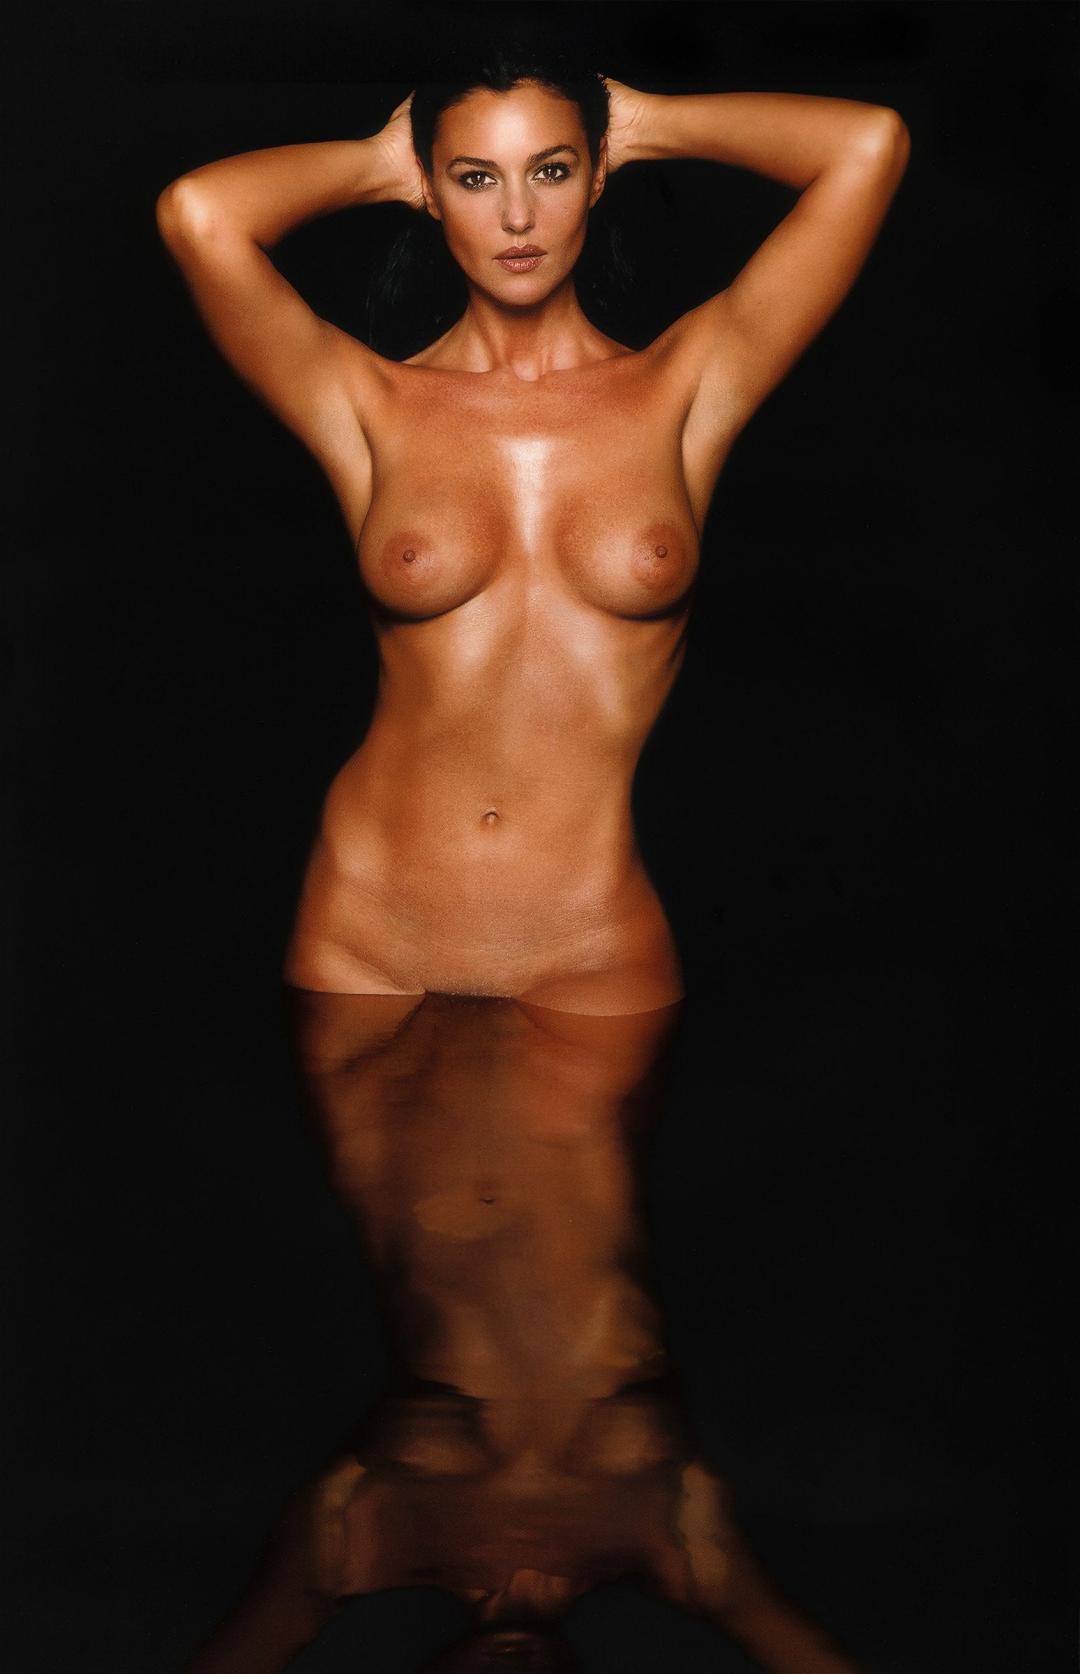 голая Моника Беллуччи стоит по пах в воде подняв руки на голову